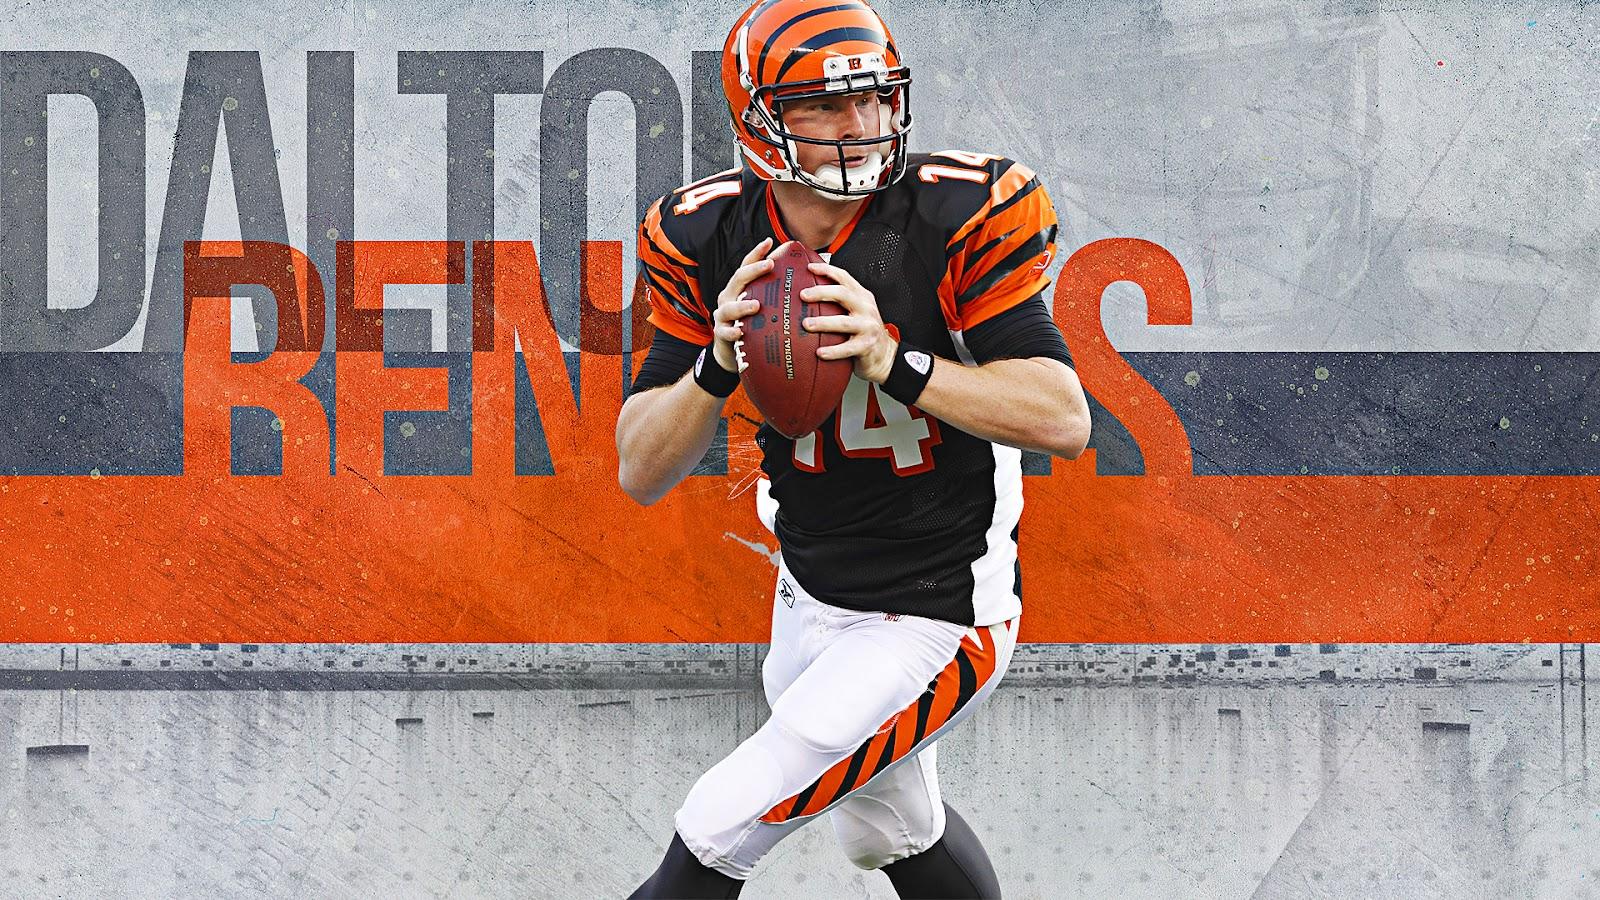 Dalton Andy Cincinnati Bengals 1600x900 HD Wallpaper